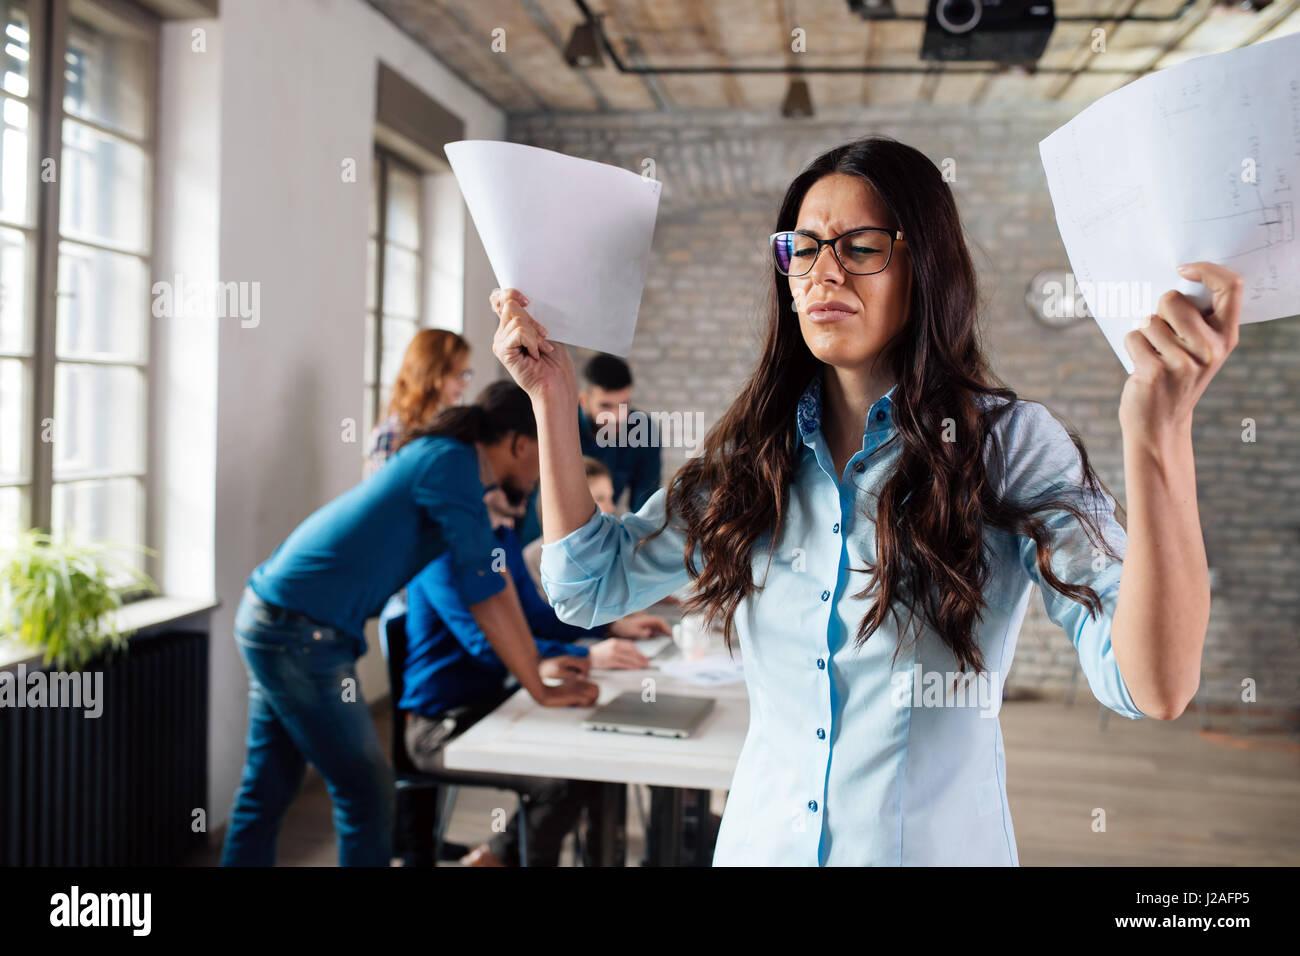 Sobrecargado de trabajo estresante empresaria abrumado con papeles de oficina Imagen De Stock